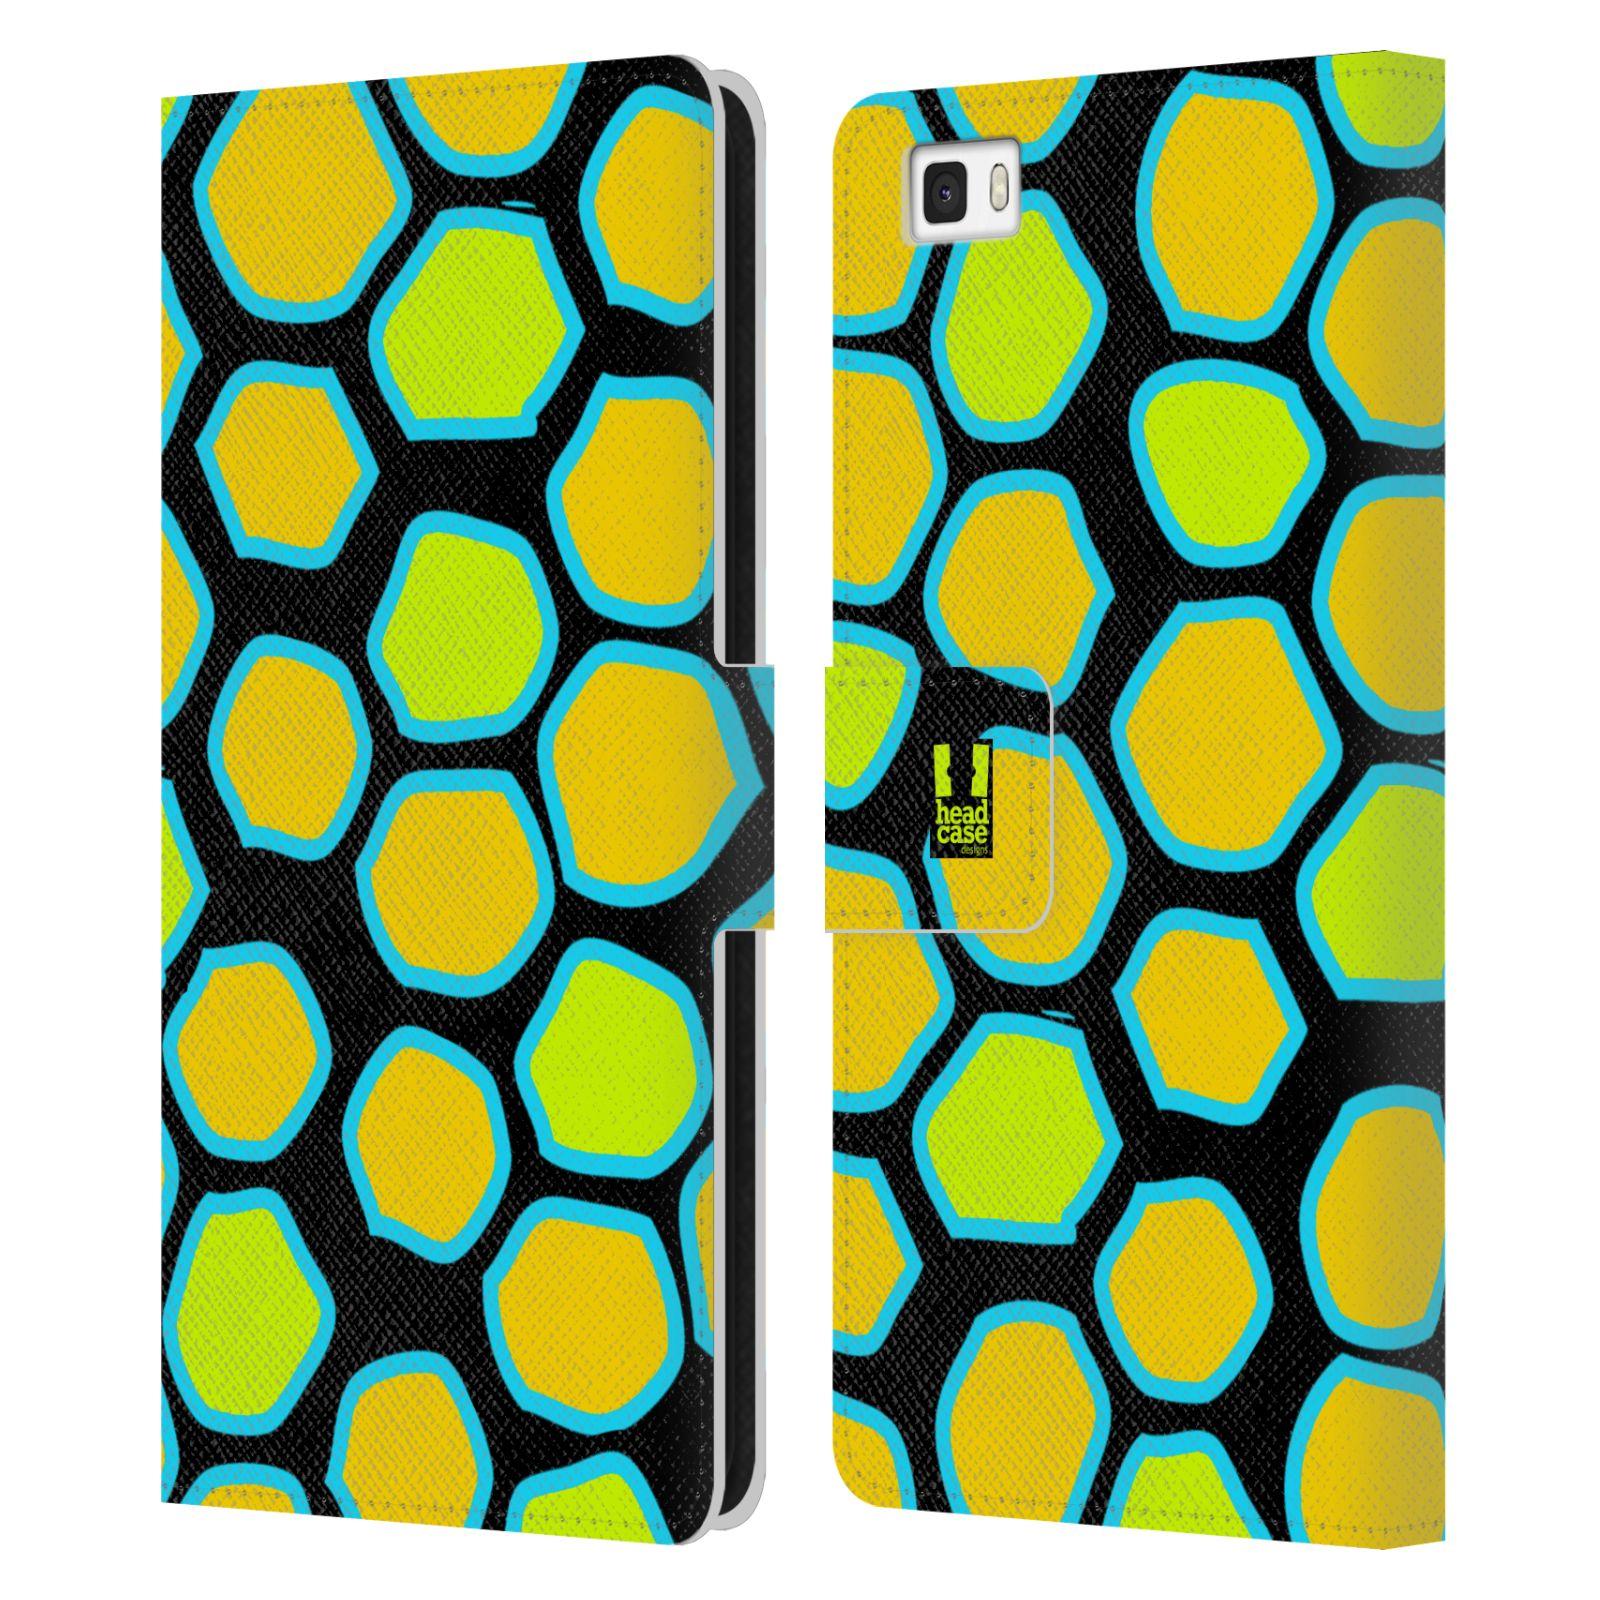 HEAD CASE Flipové pouzdro pro mobil Huawei P8 LITE Zvířecí barevné vzory žlutý had